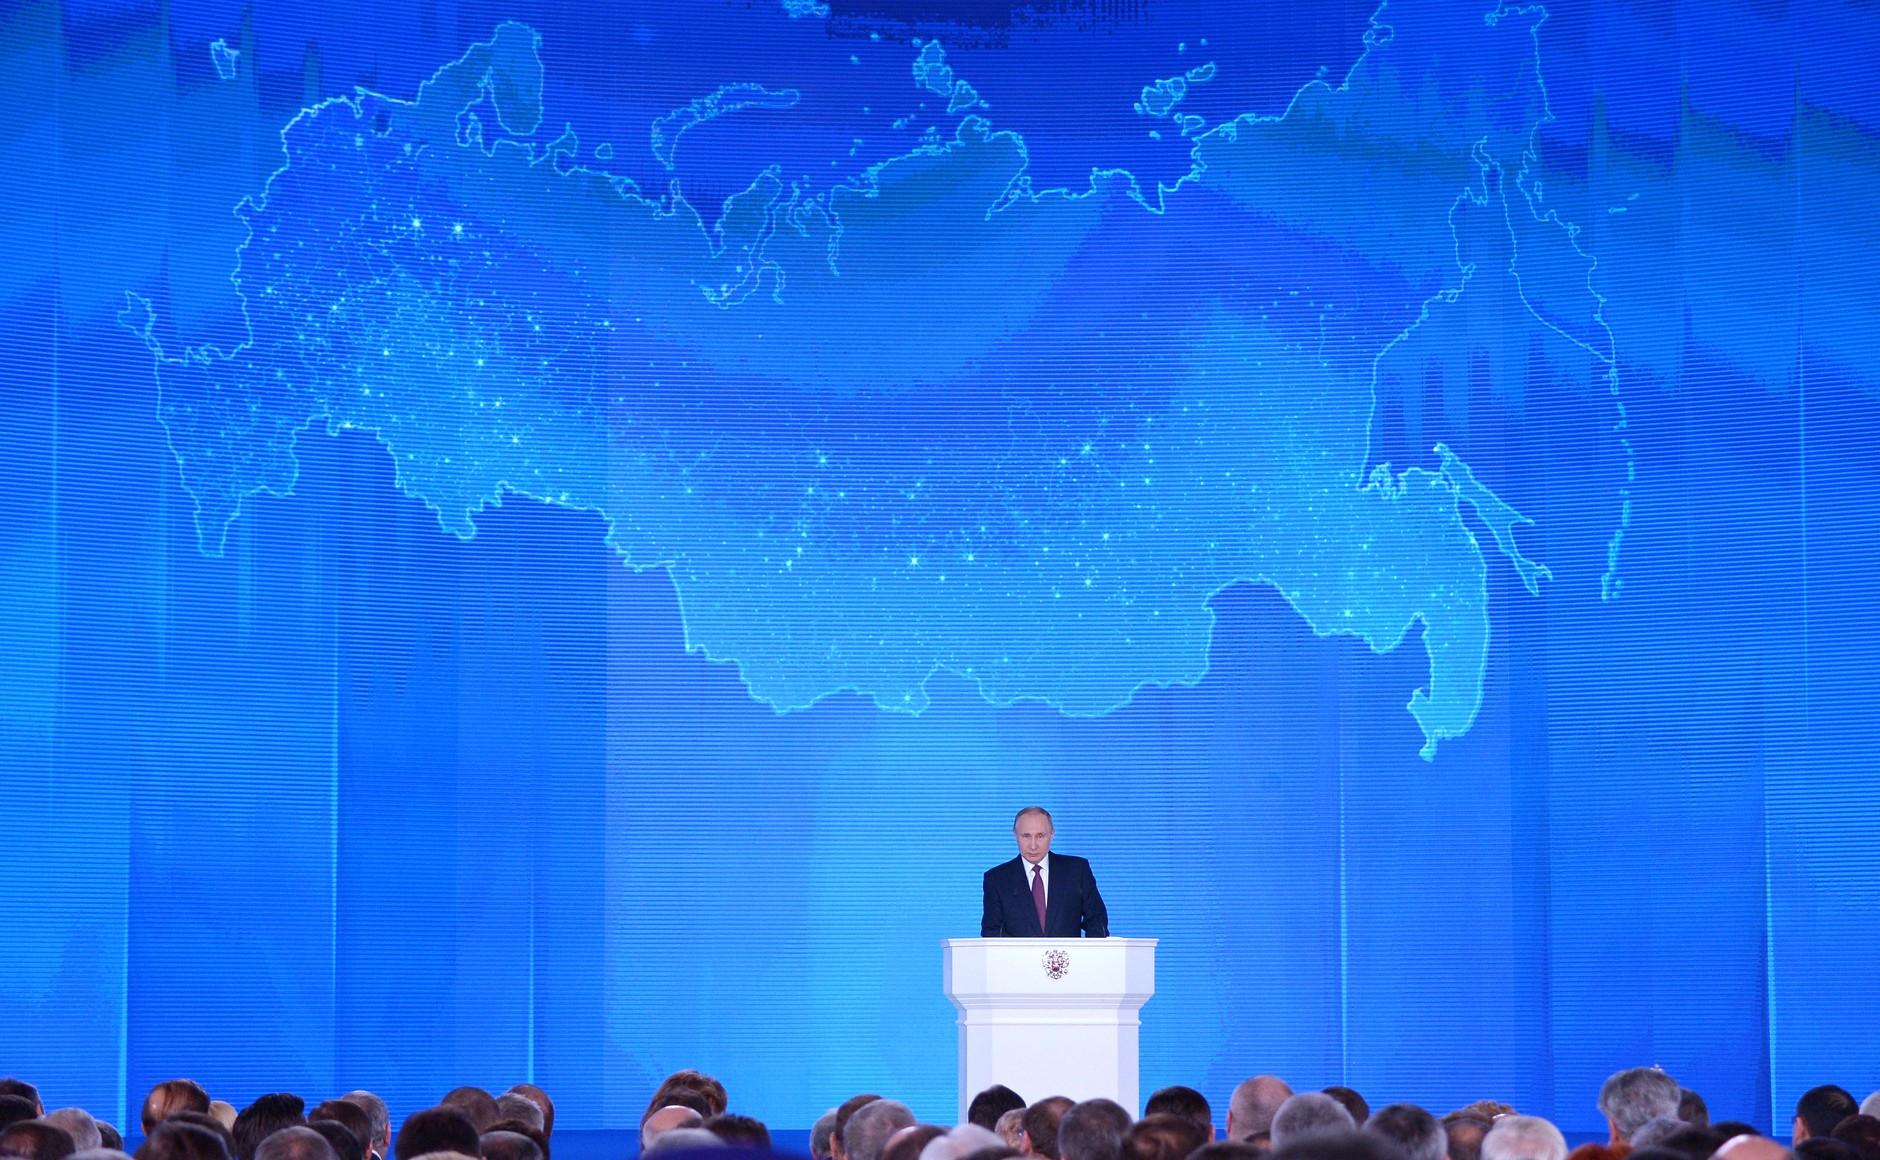 Discurso presidencial à Assembléia Federal O Presidente da Rússia Vladimir Putin entregou o Discurso à Assembléia Federal. A cerimônia ocorreu no Salão de Exposições Manezh Central.Foto Kremlin